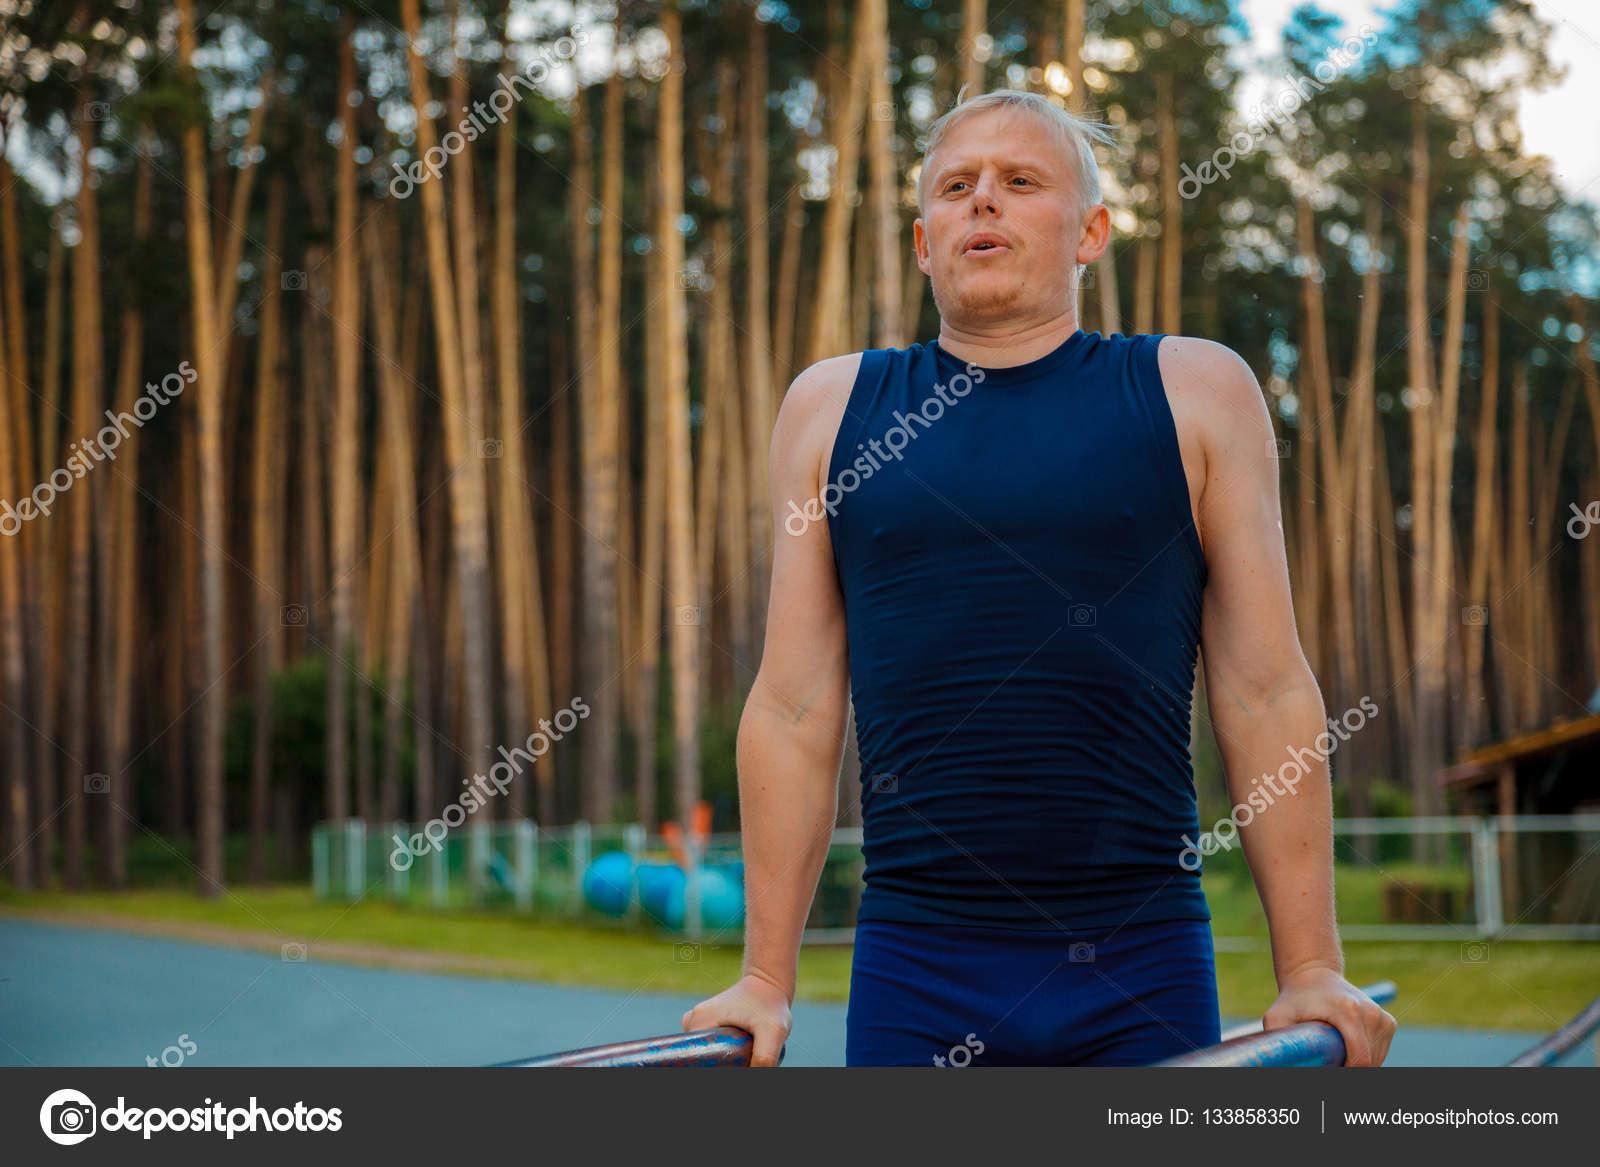 Ejercicios para hacer biceps y triceps